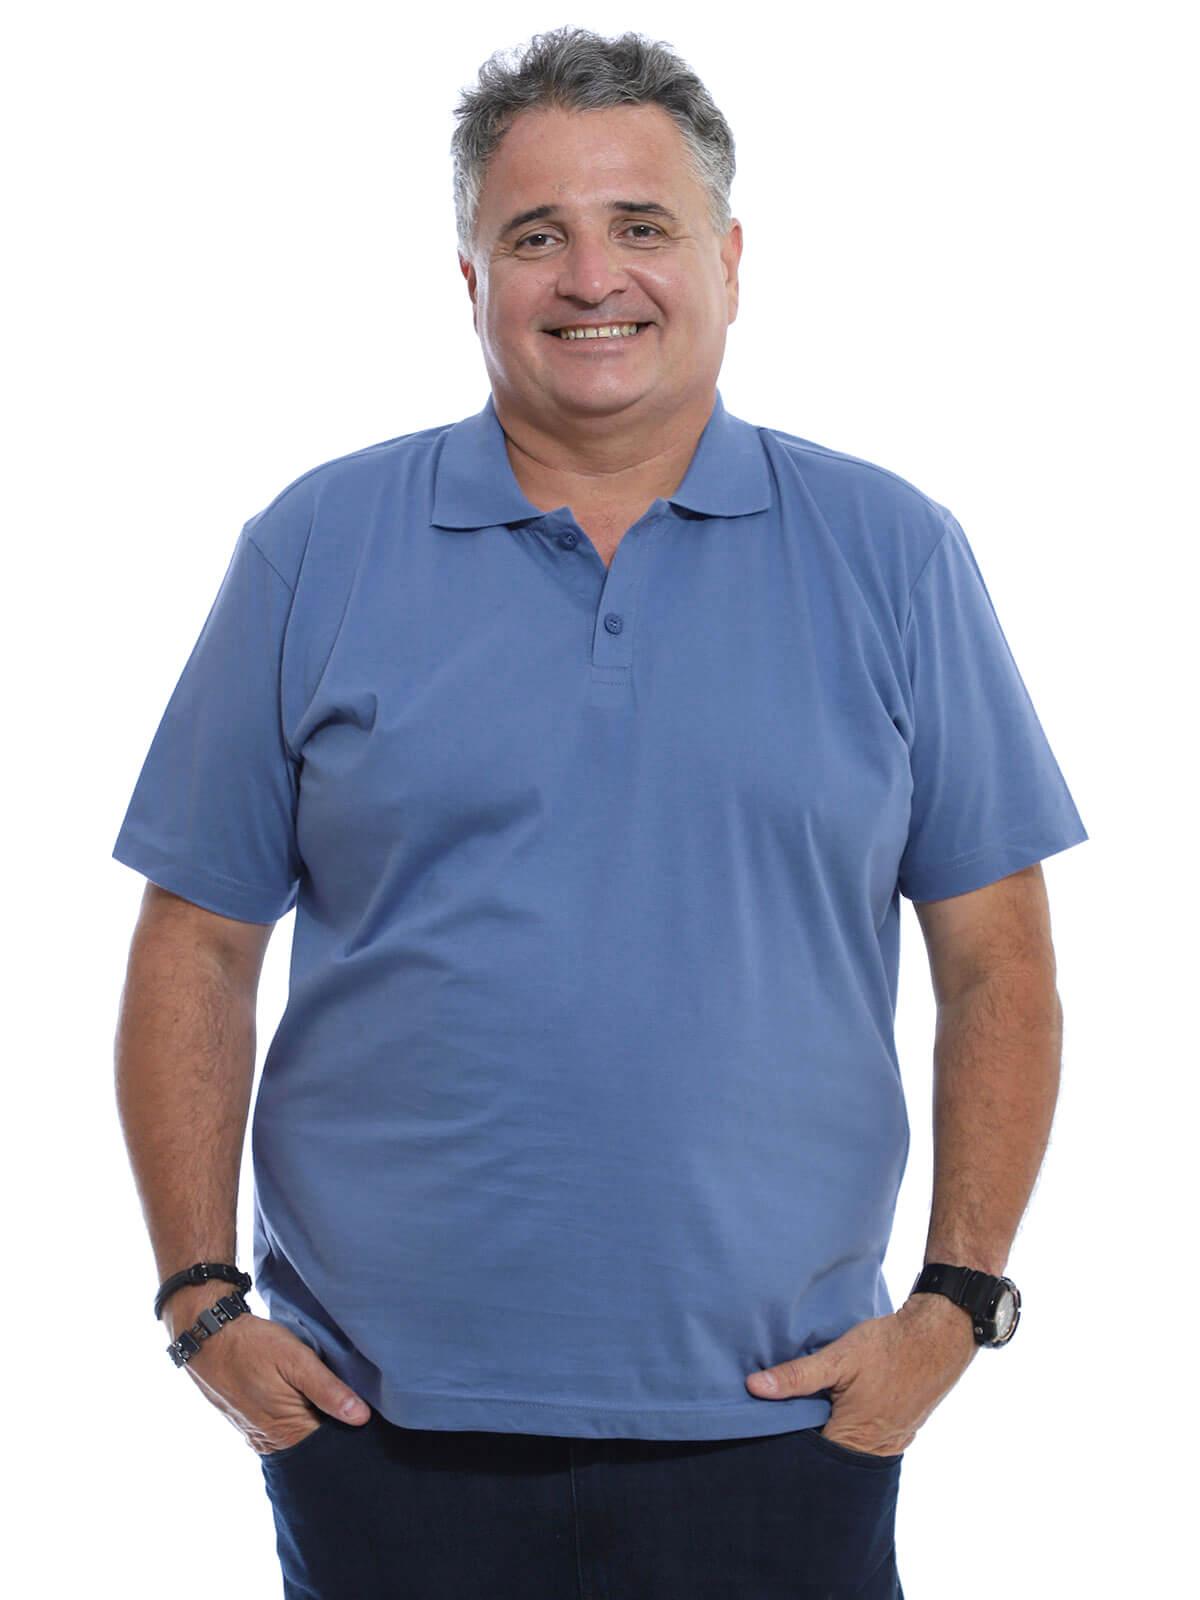 Camisa Polo Plus Size Masculina Lisa Básica Algodão Indigo